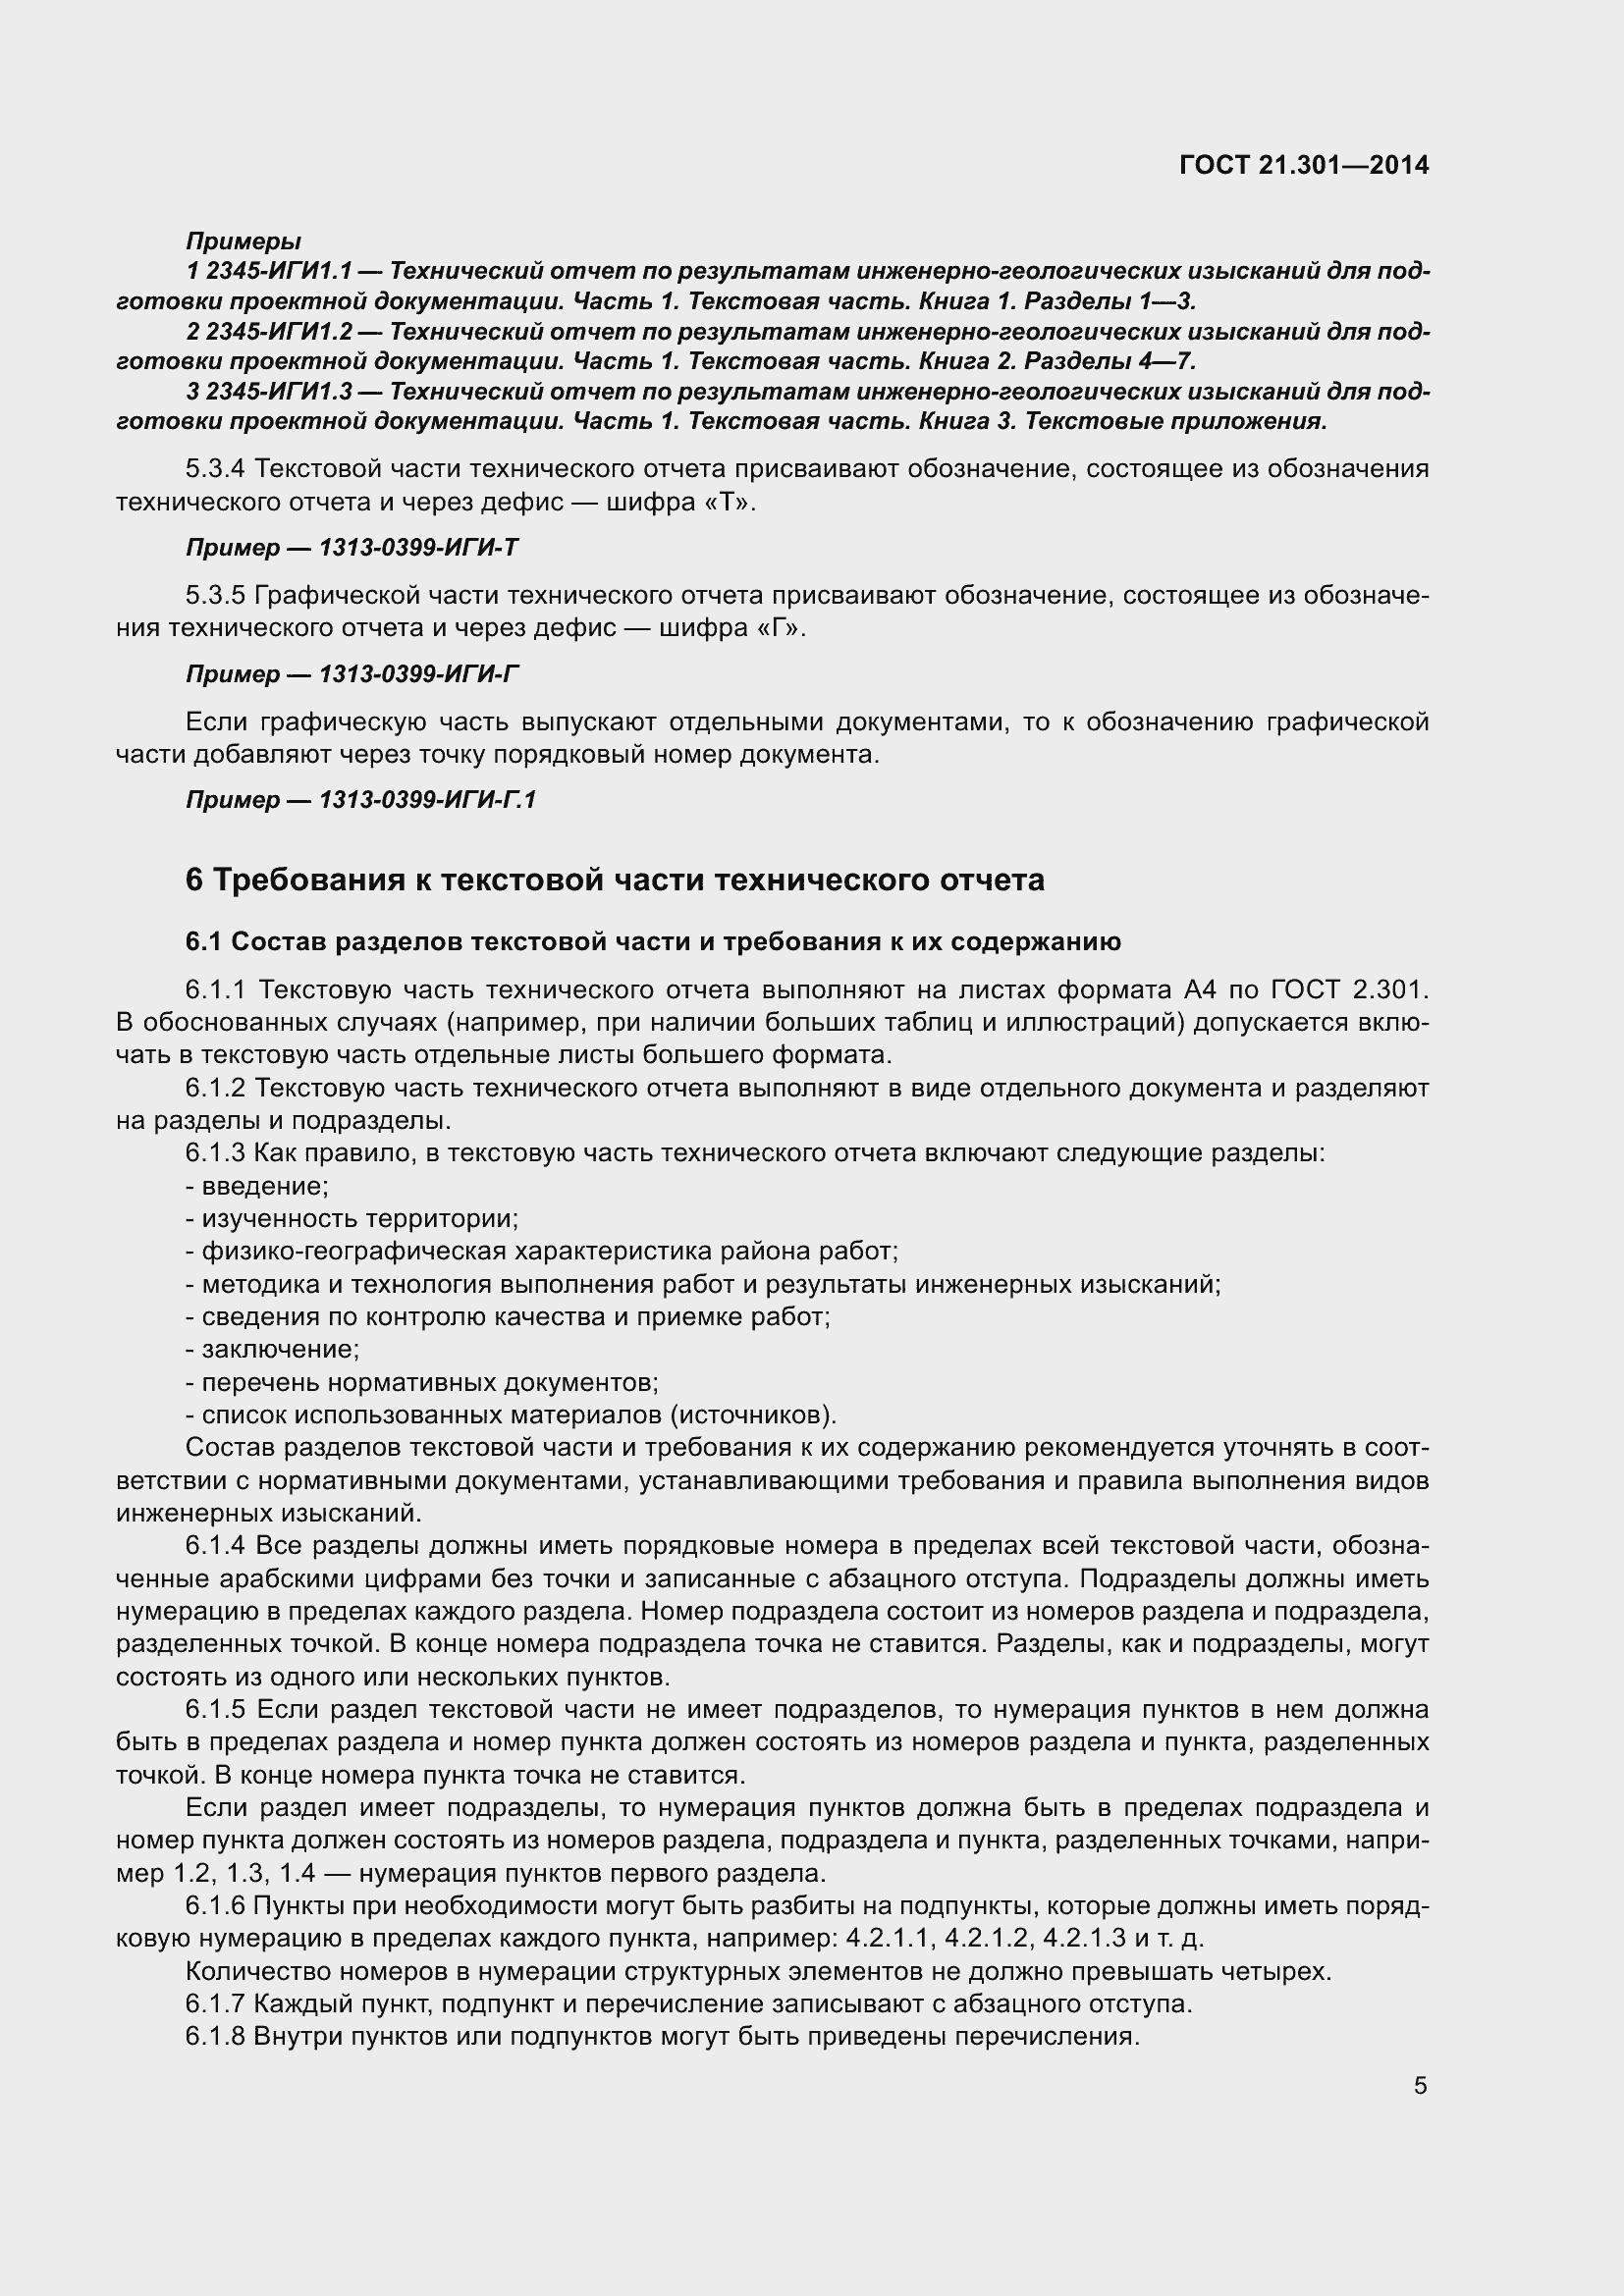 Статья 21 Закон о Полиции. Применение